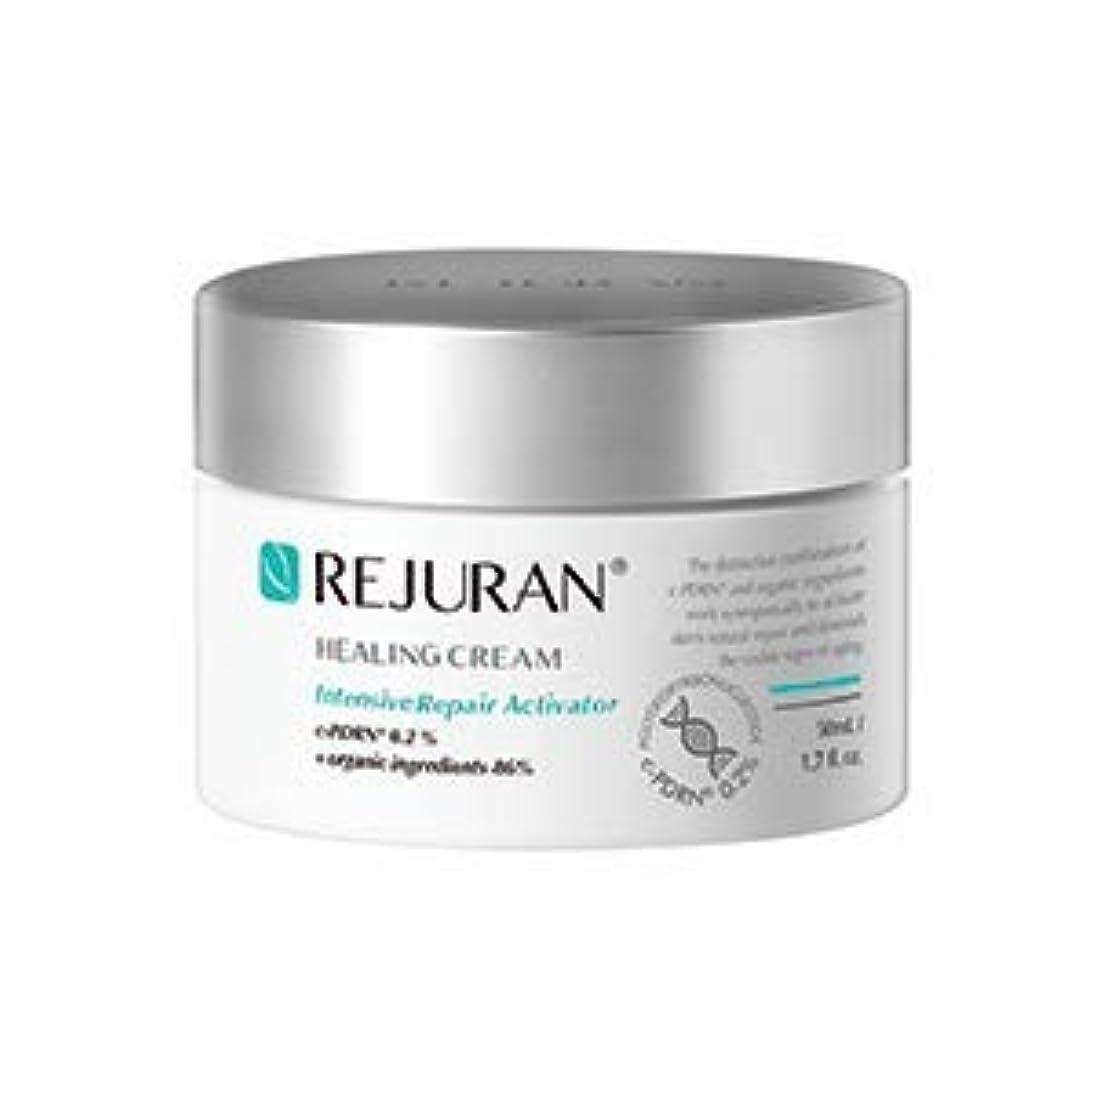 言い換えると起きている遠洋の[ 皮膚科最高級ブランド ] リジュラン ヒーリング クリーム 50ml.(シワ改善機能性)REJURAN Healin Cream 50ml. X Healing Mask 2p